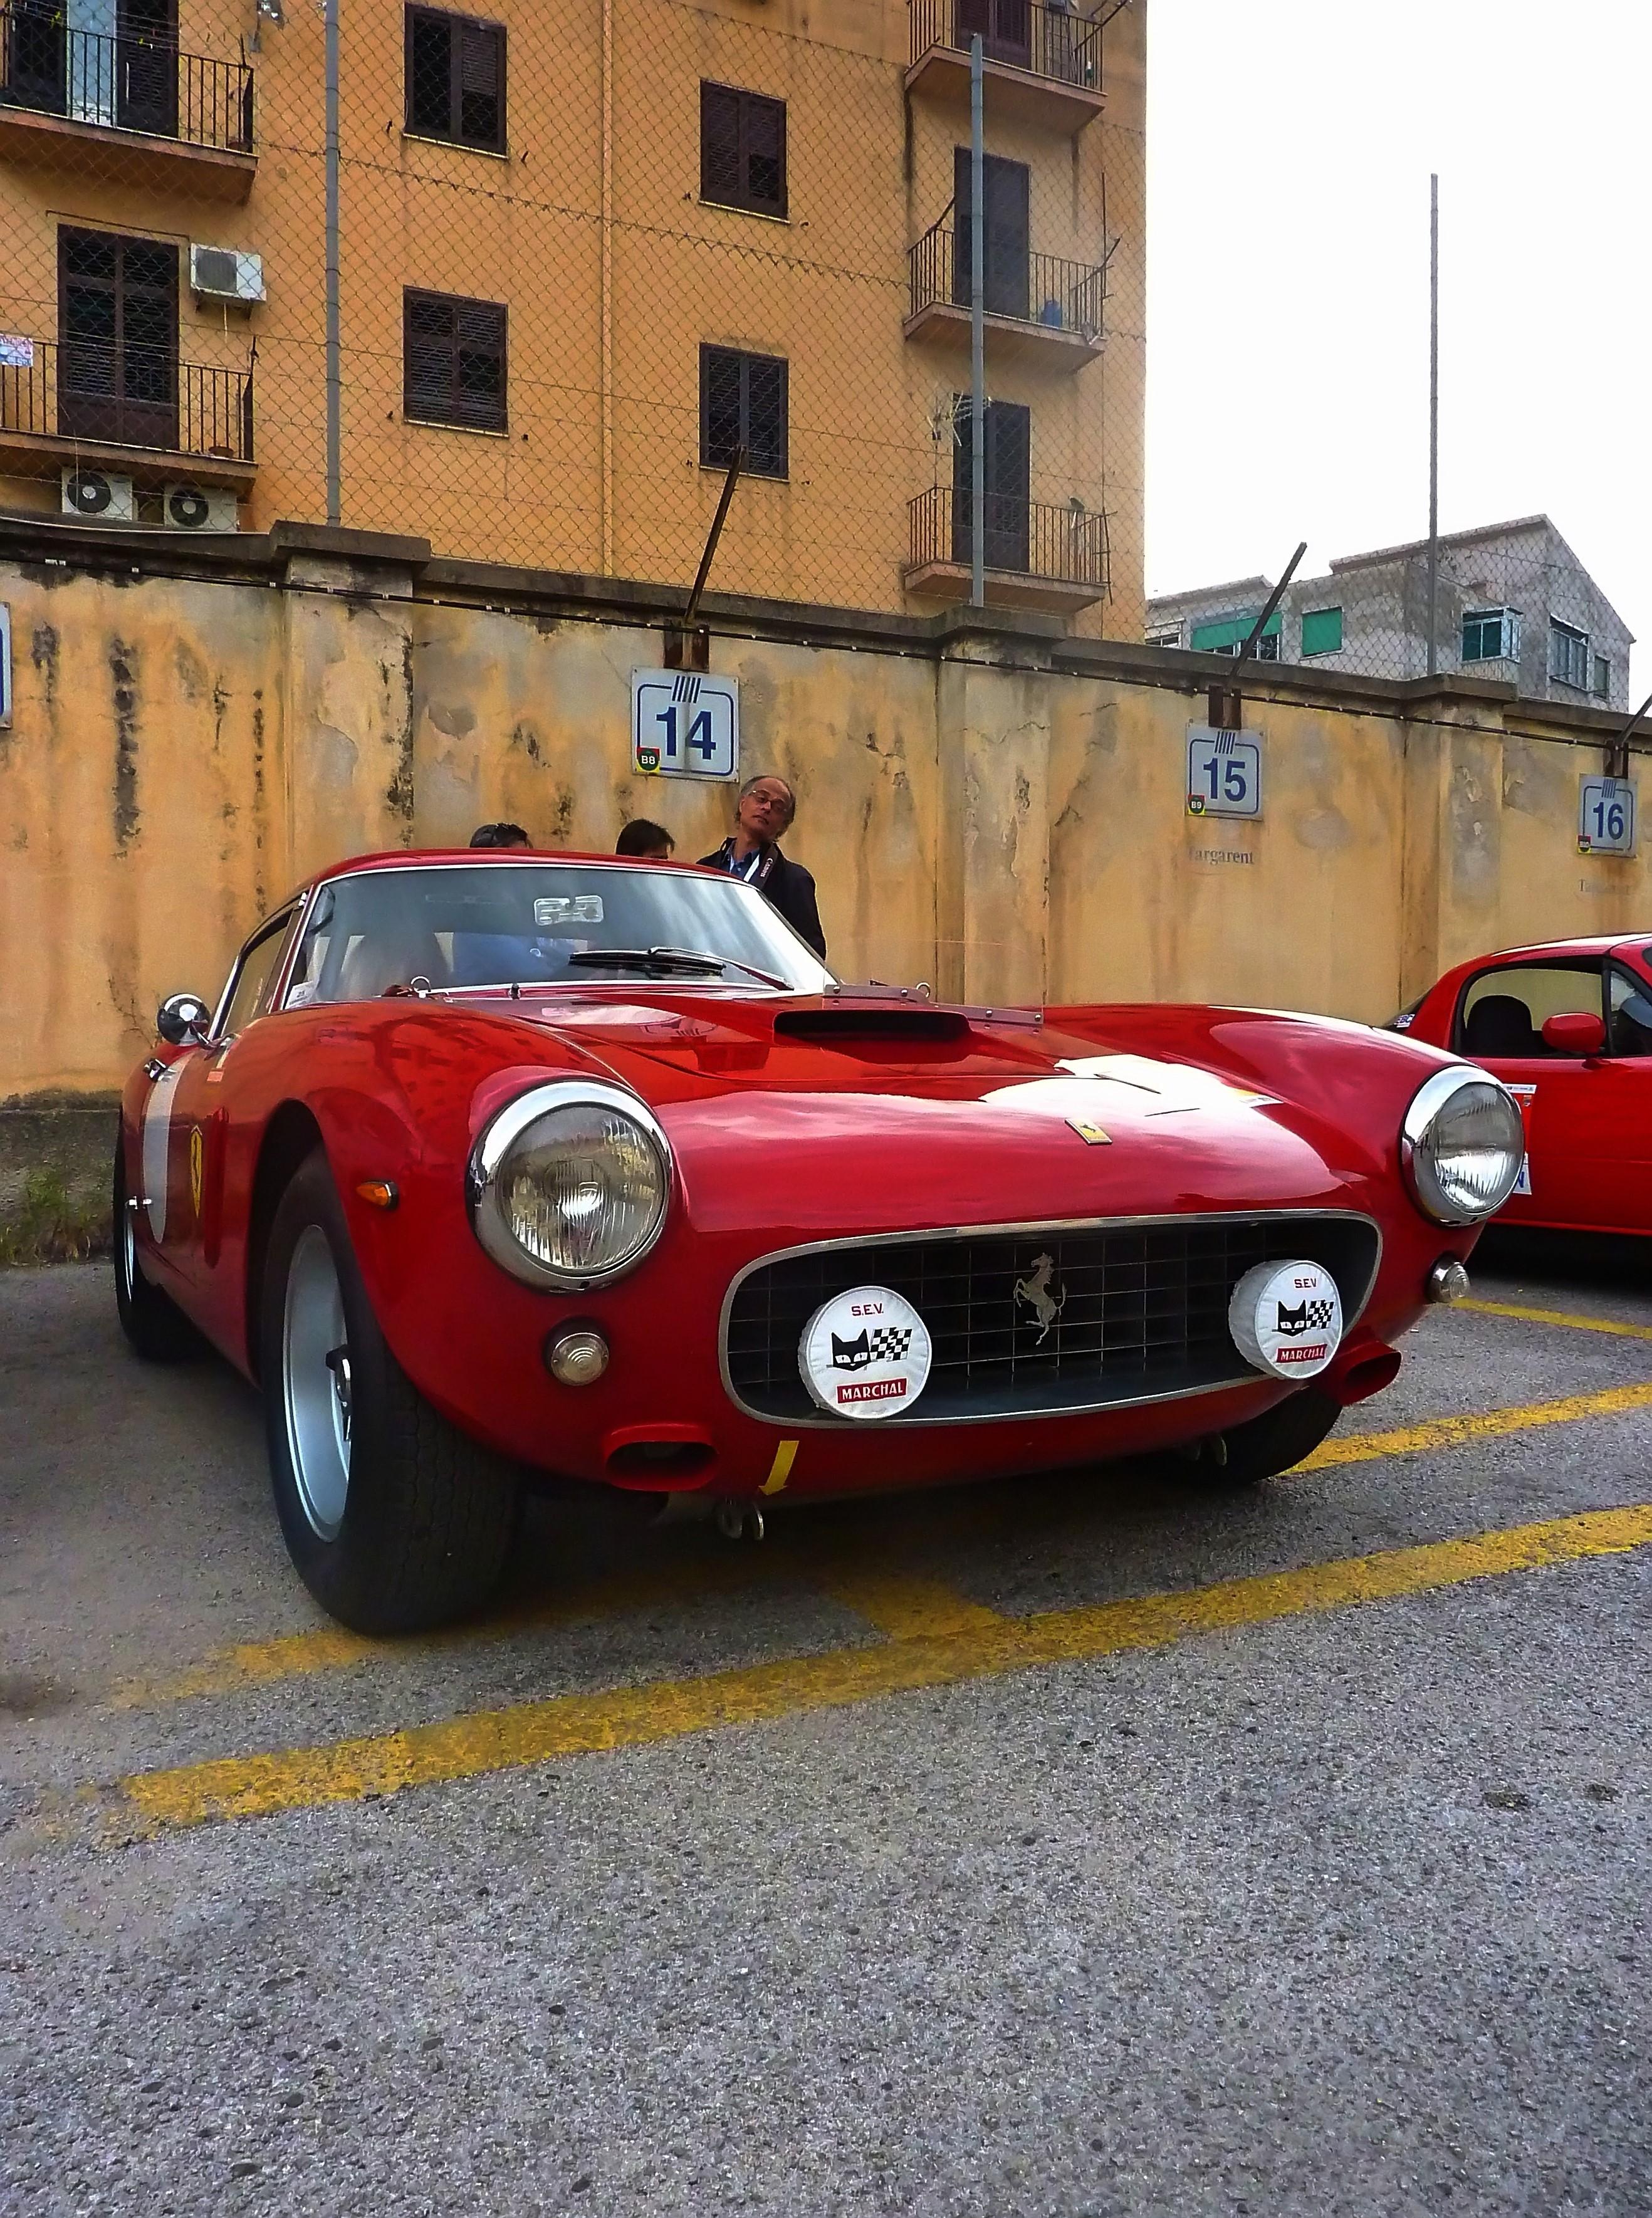 1961 Ferrari 250 GT SWB #2701 (76)_filtered